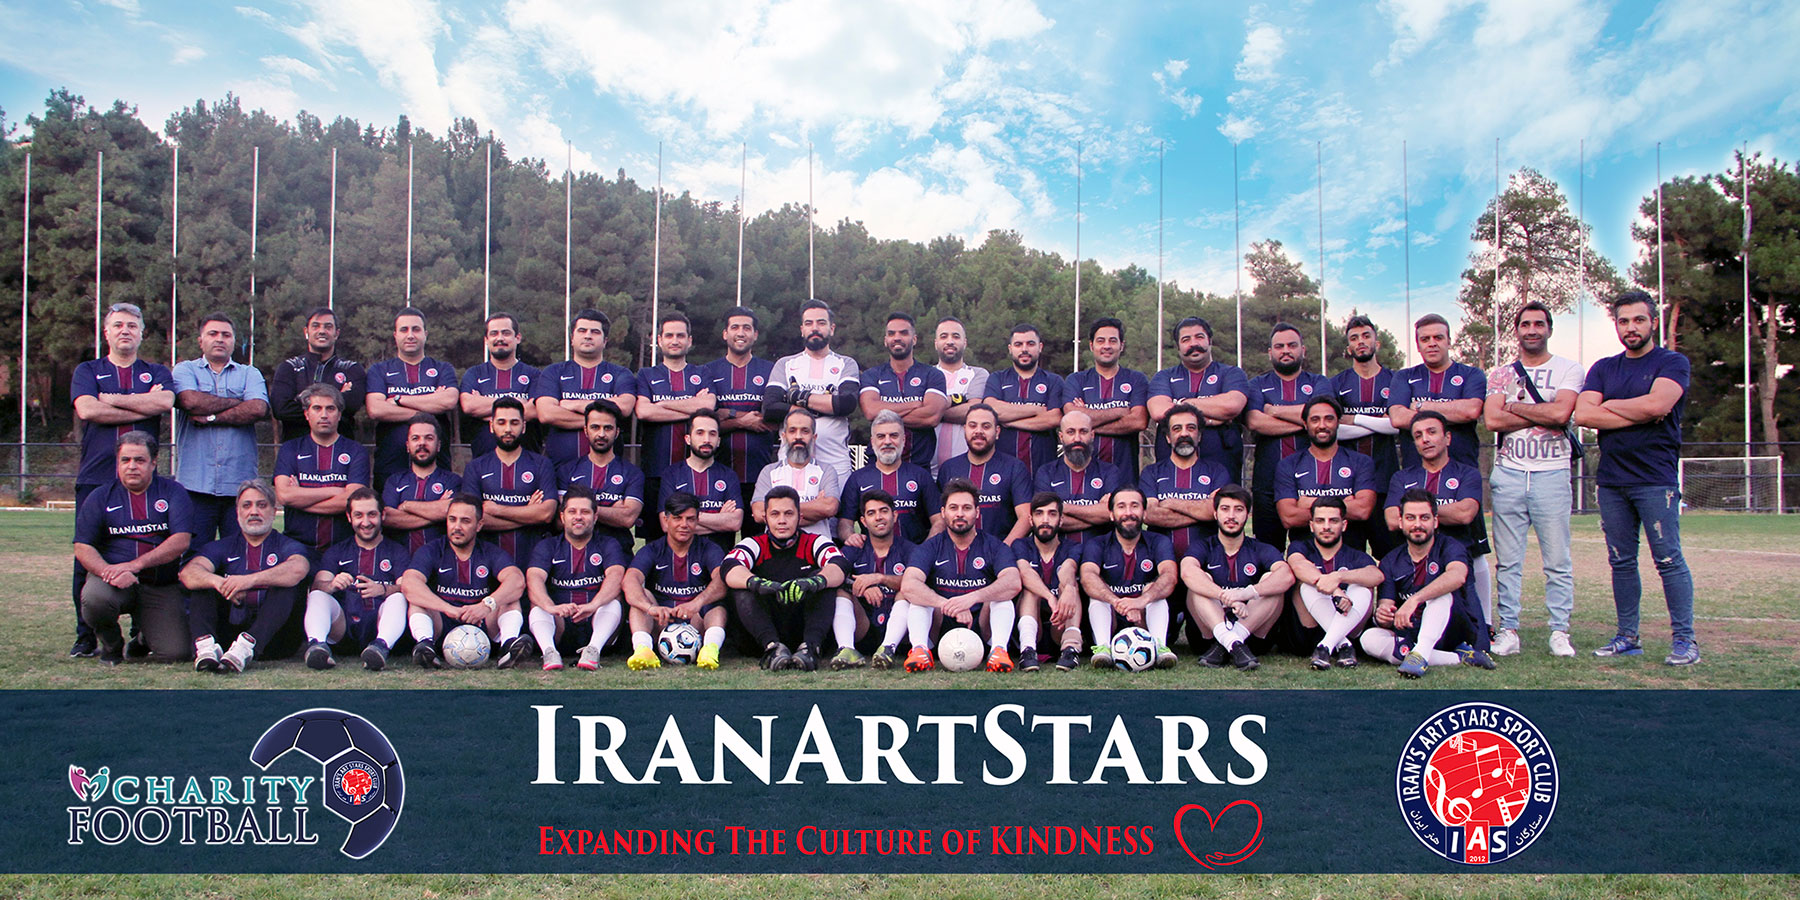 iranartstars-990615x